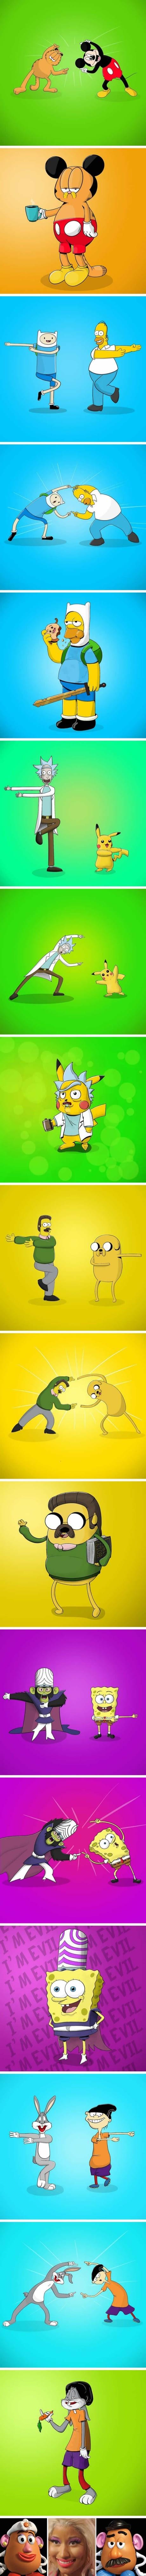 vineta de fusion de dos caricaturas